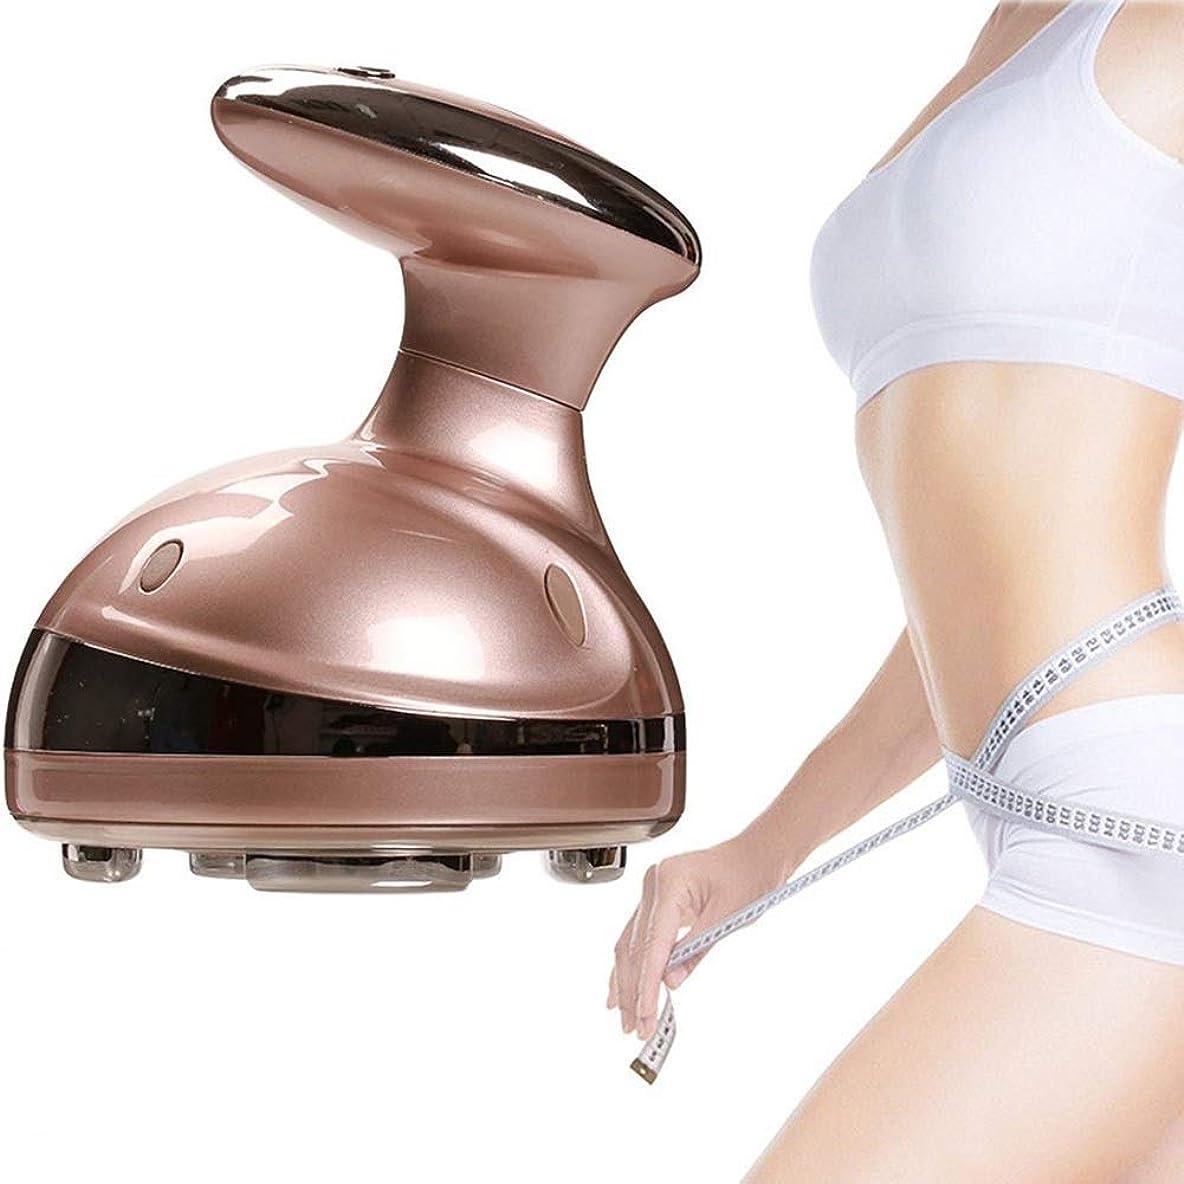 一節論争的収入超音波脂肪除去機、RF脂肪燃焼振動整形美容器具脂肪除去体重減少デバイス、LEDフォトンアンチセルライト痩身ボディ美容院